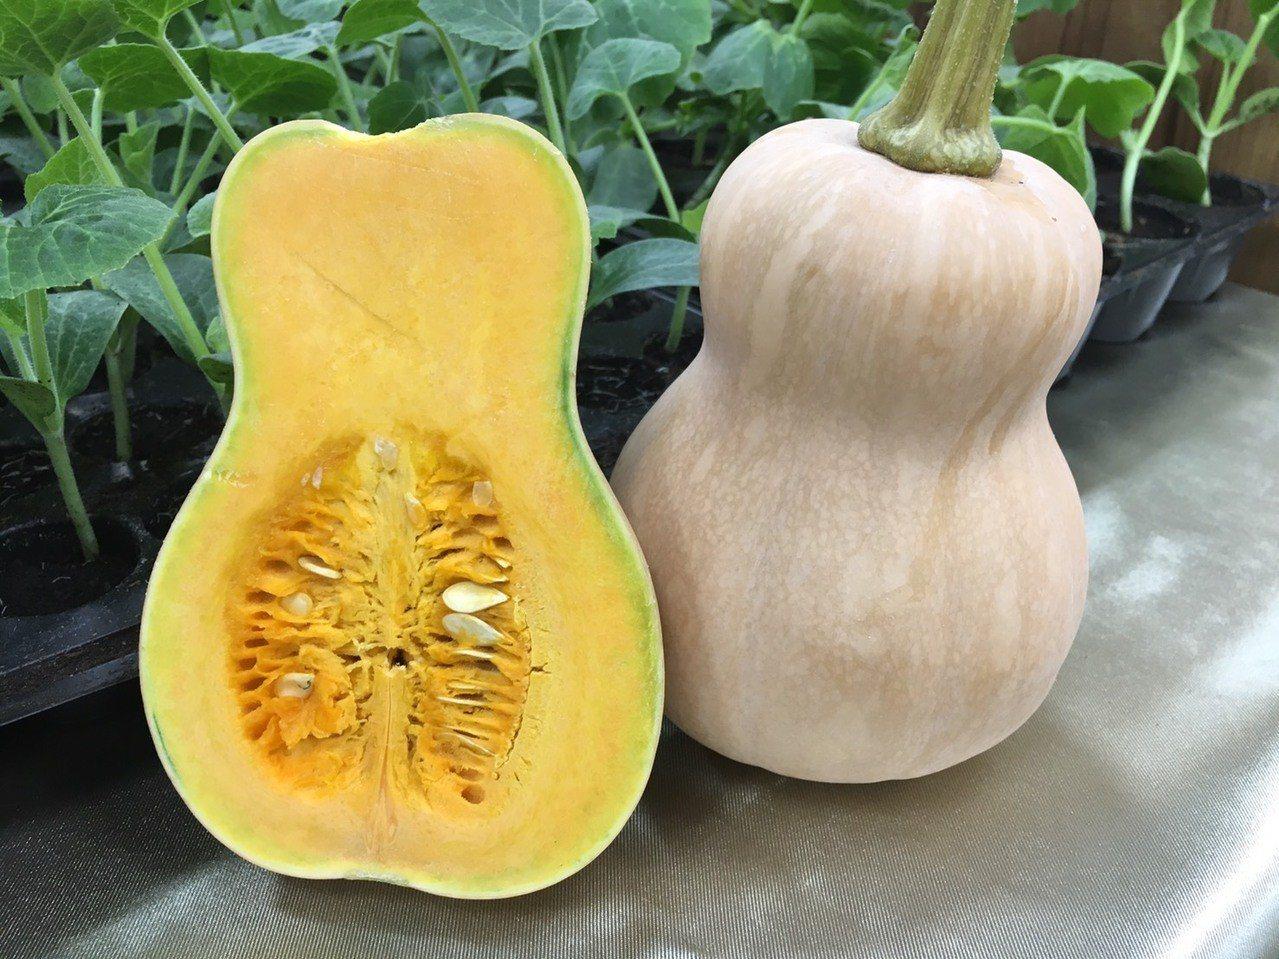 農委會高雄區農業改良場今天推出南瓜新品種「高雄2號—菊島之樂」。記者吳姿賢/攝影